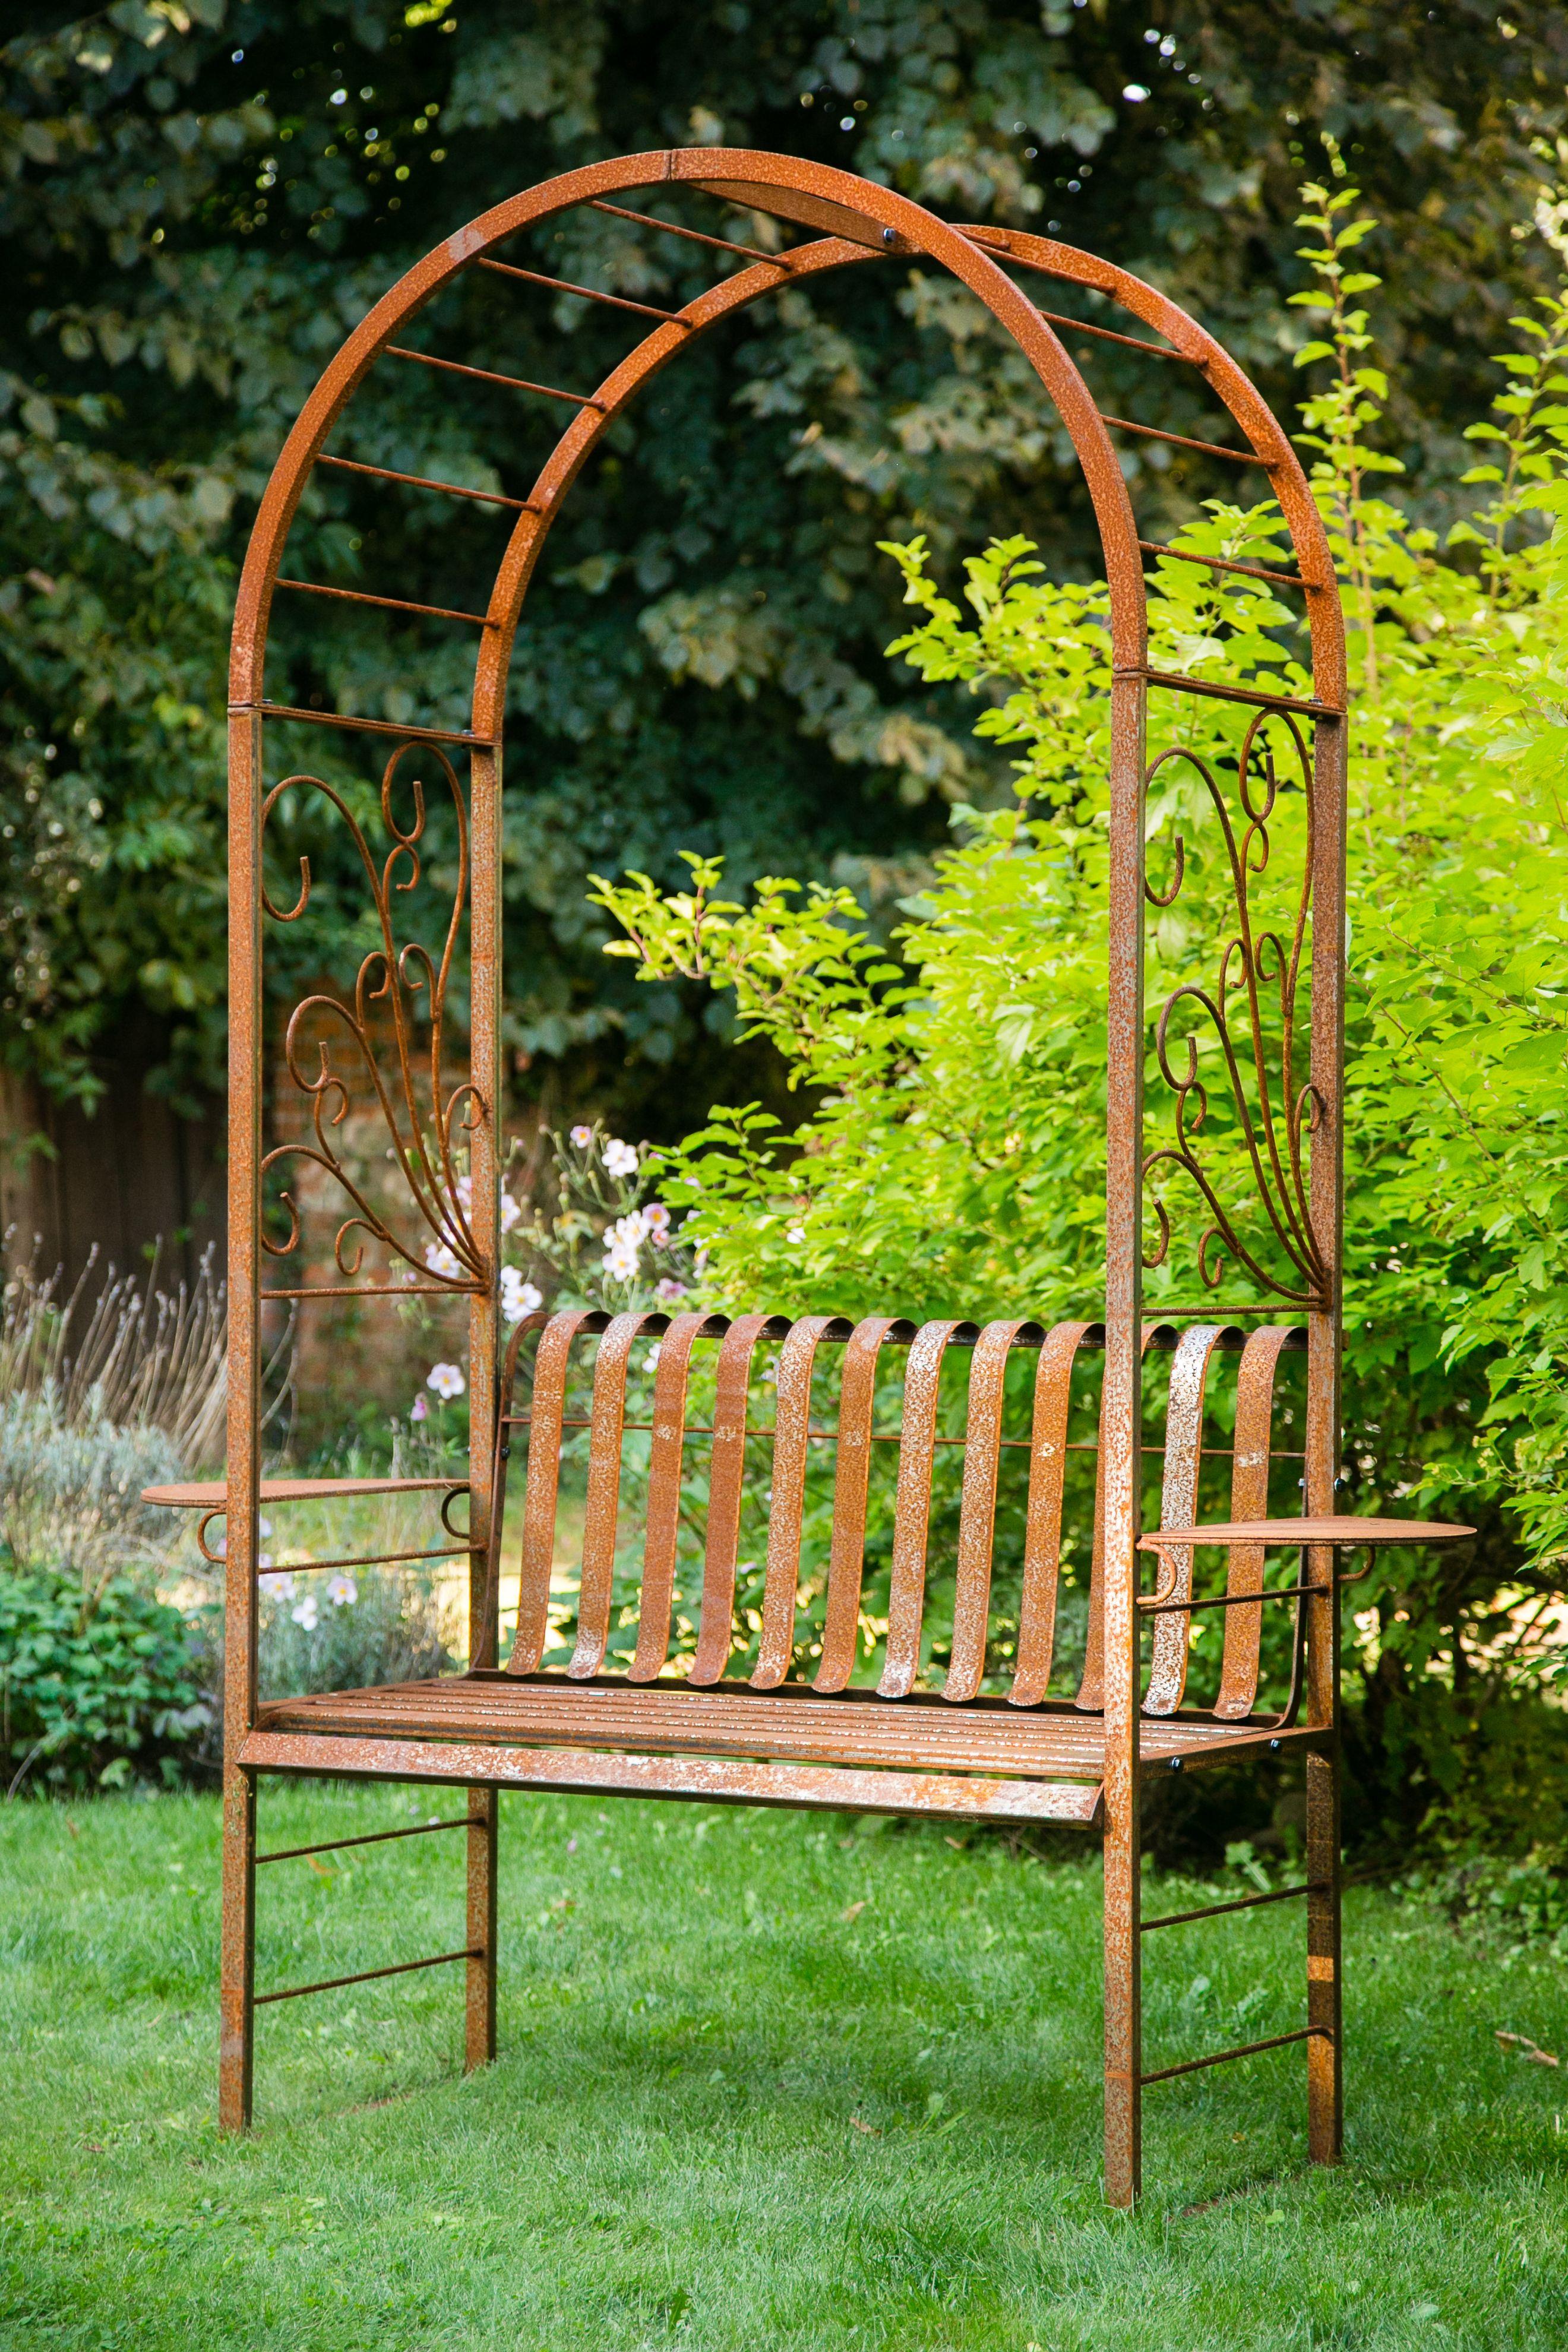 Kuheiga Com Ihr Online Shop Fur Gartenzubehor Wohnaccessoires Rosenbogen Rosenbogen Mit Bank Garten